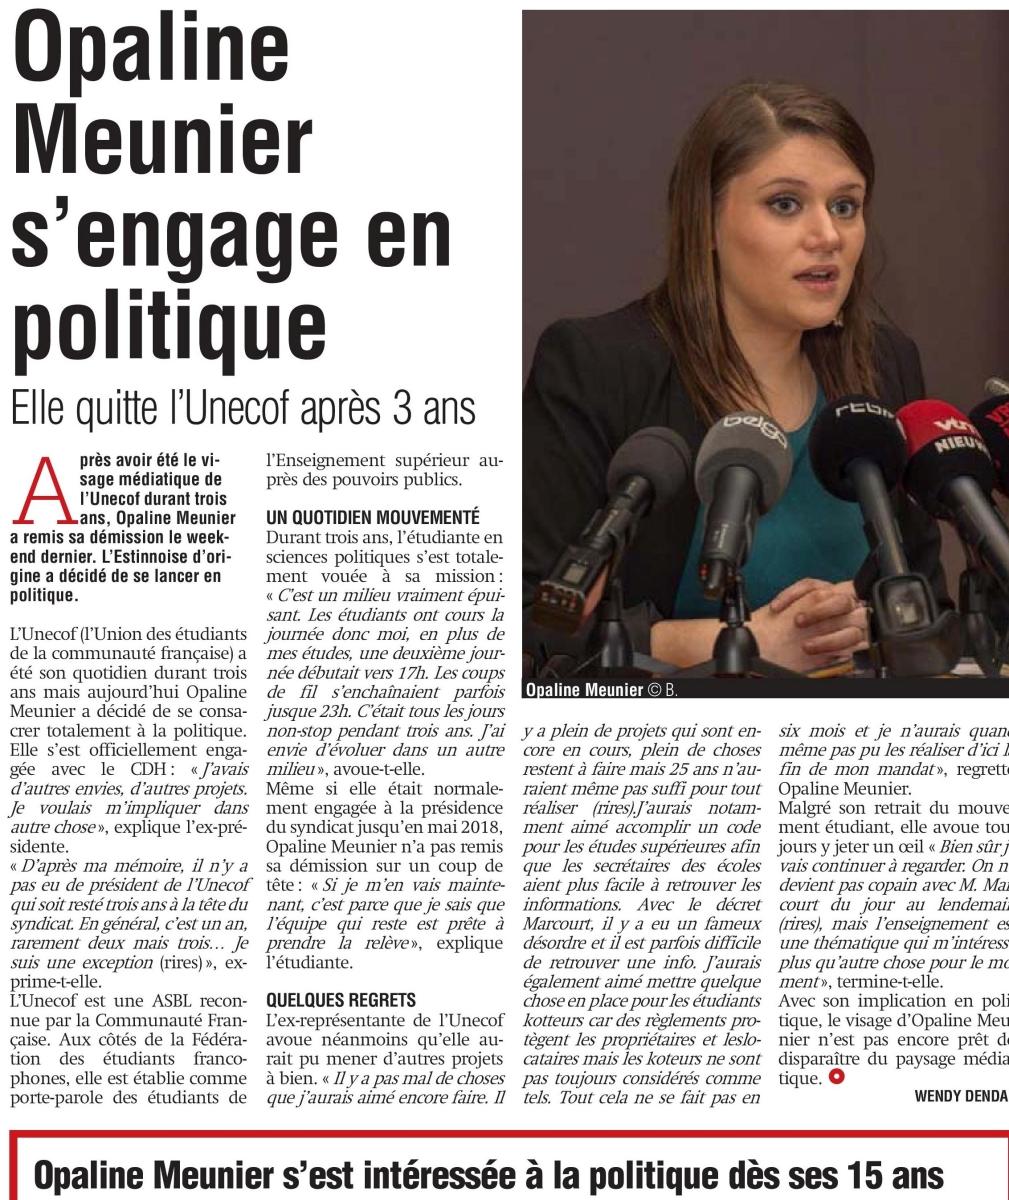 20171021_la-nouvelle-gazette-centre_p-9-page-001-e1530751930347.jpg